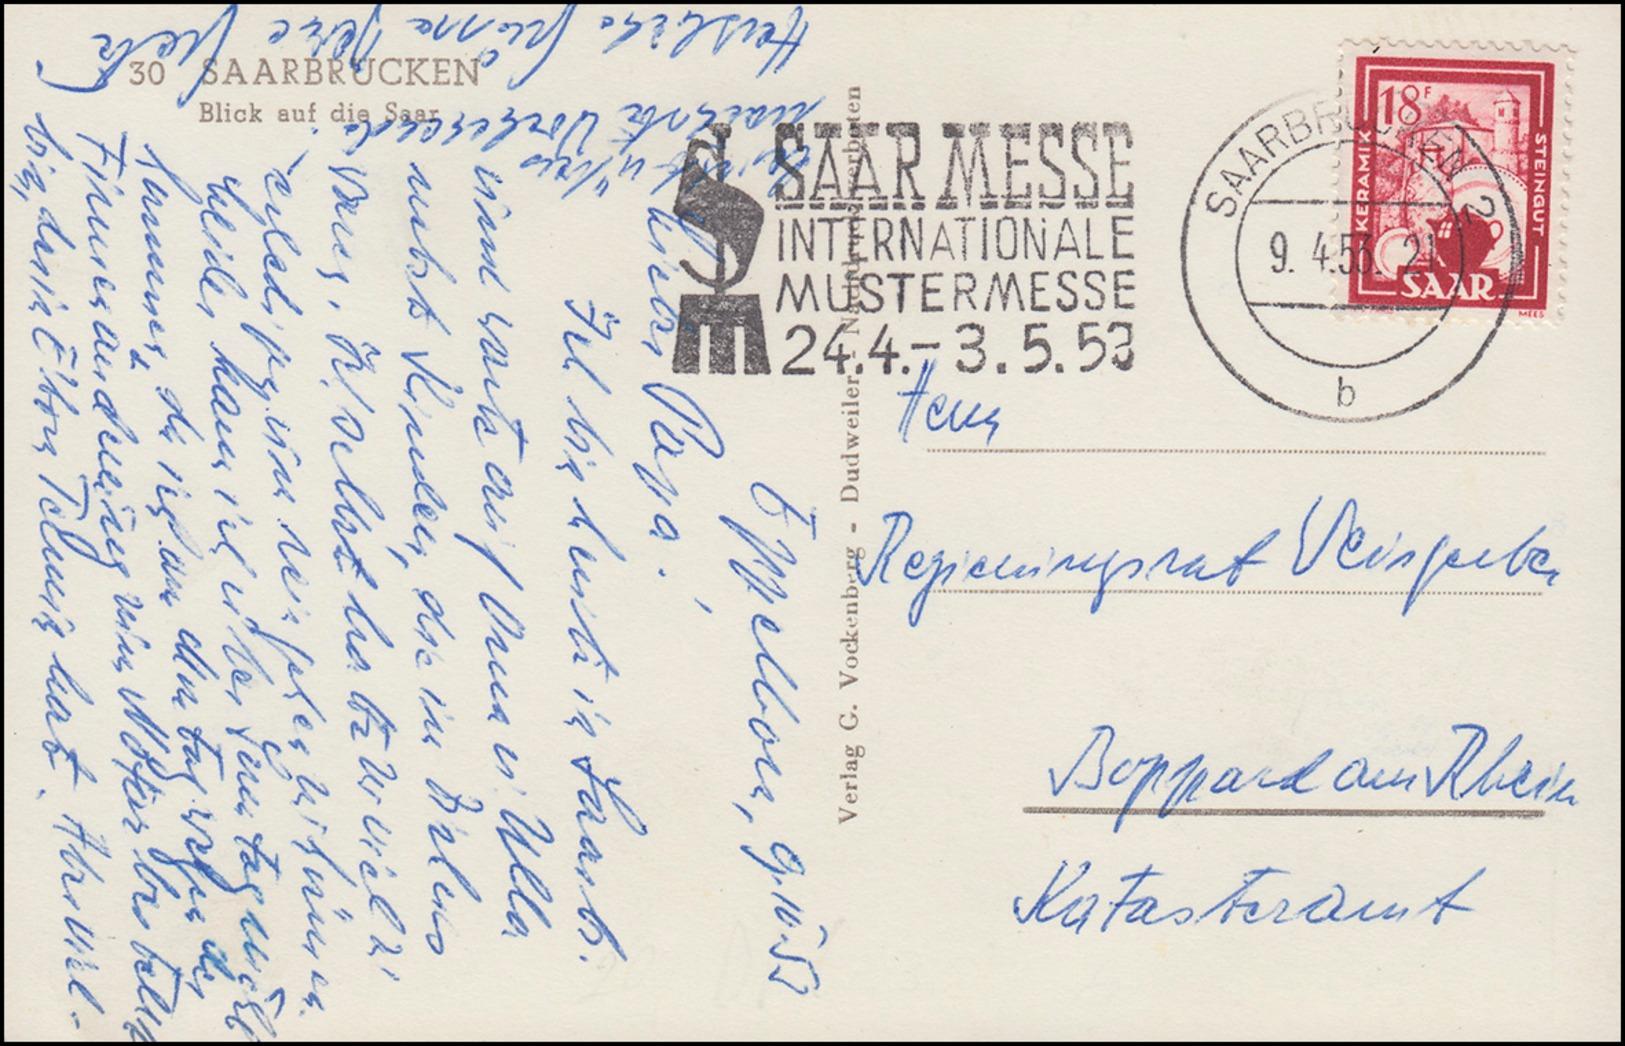 282 Freimarke 18 Fr Als EF Auf AK Blick Auf Die Saar, SAARBRÜCKEN 9.4.1953 - Unclassified